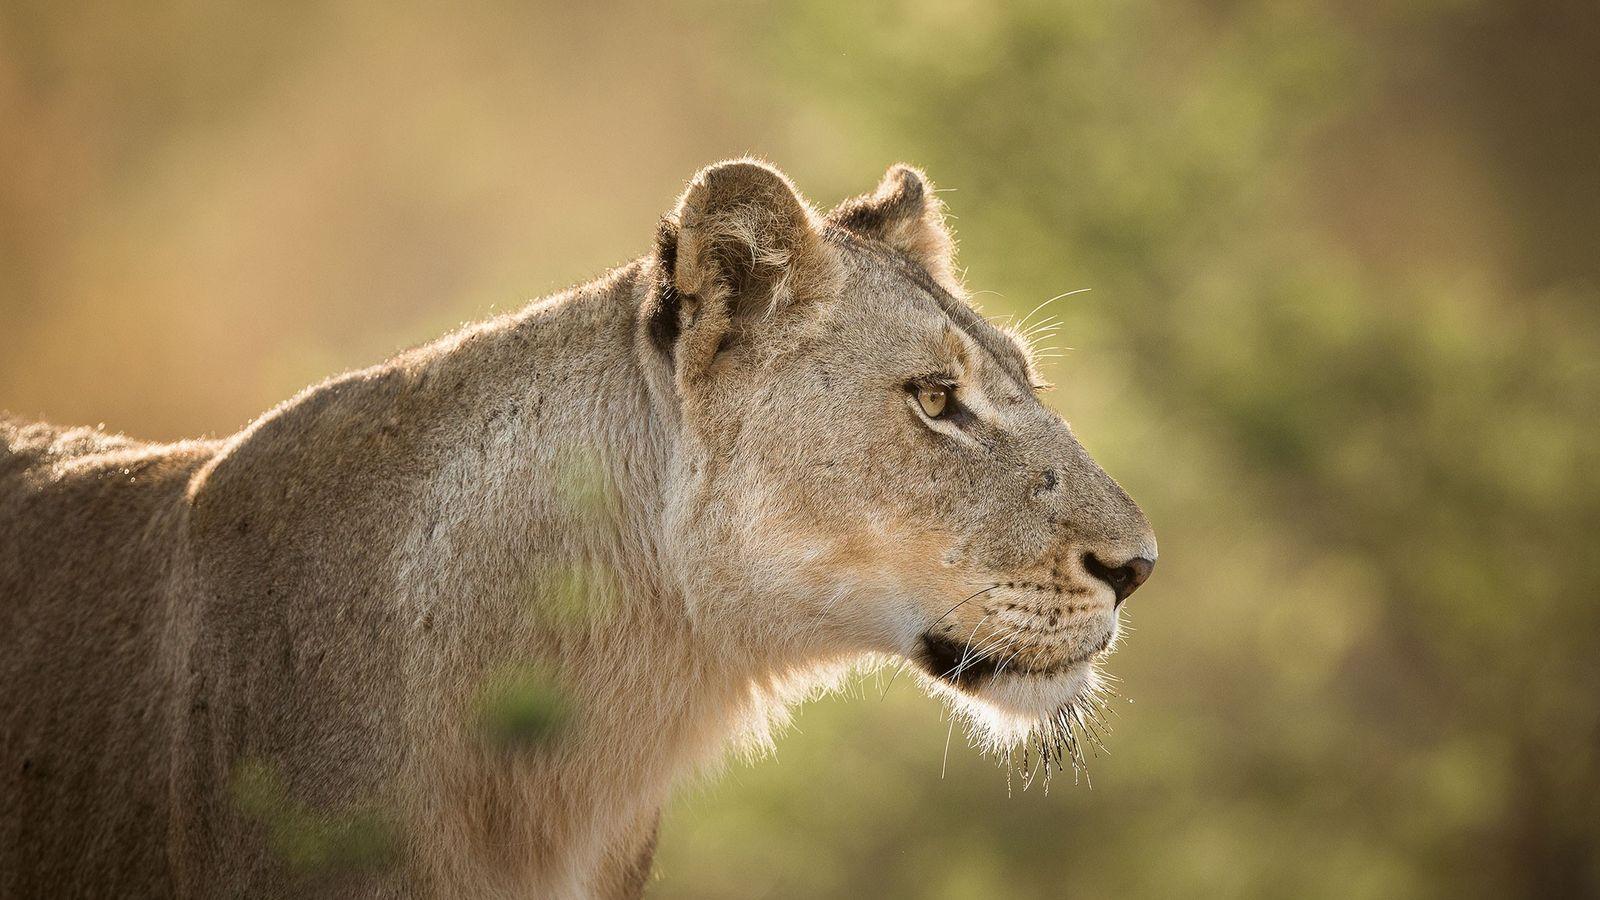 Löwen werden zunehmend durch die Nachfrage an den Zähnen, Krallen und Knochen der Großkatzen bedroht.